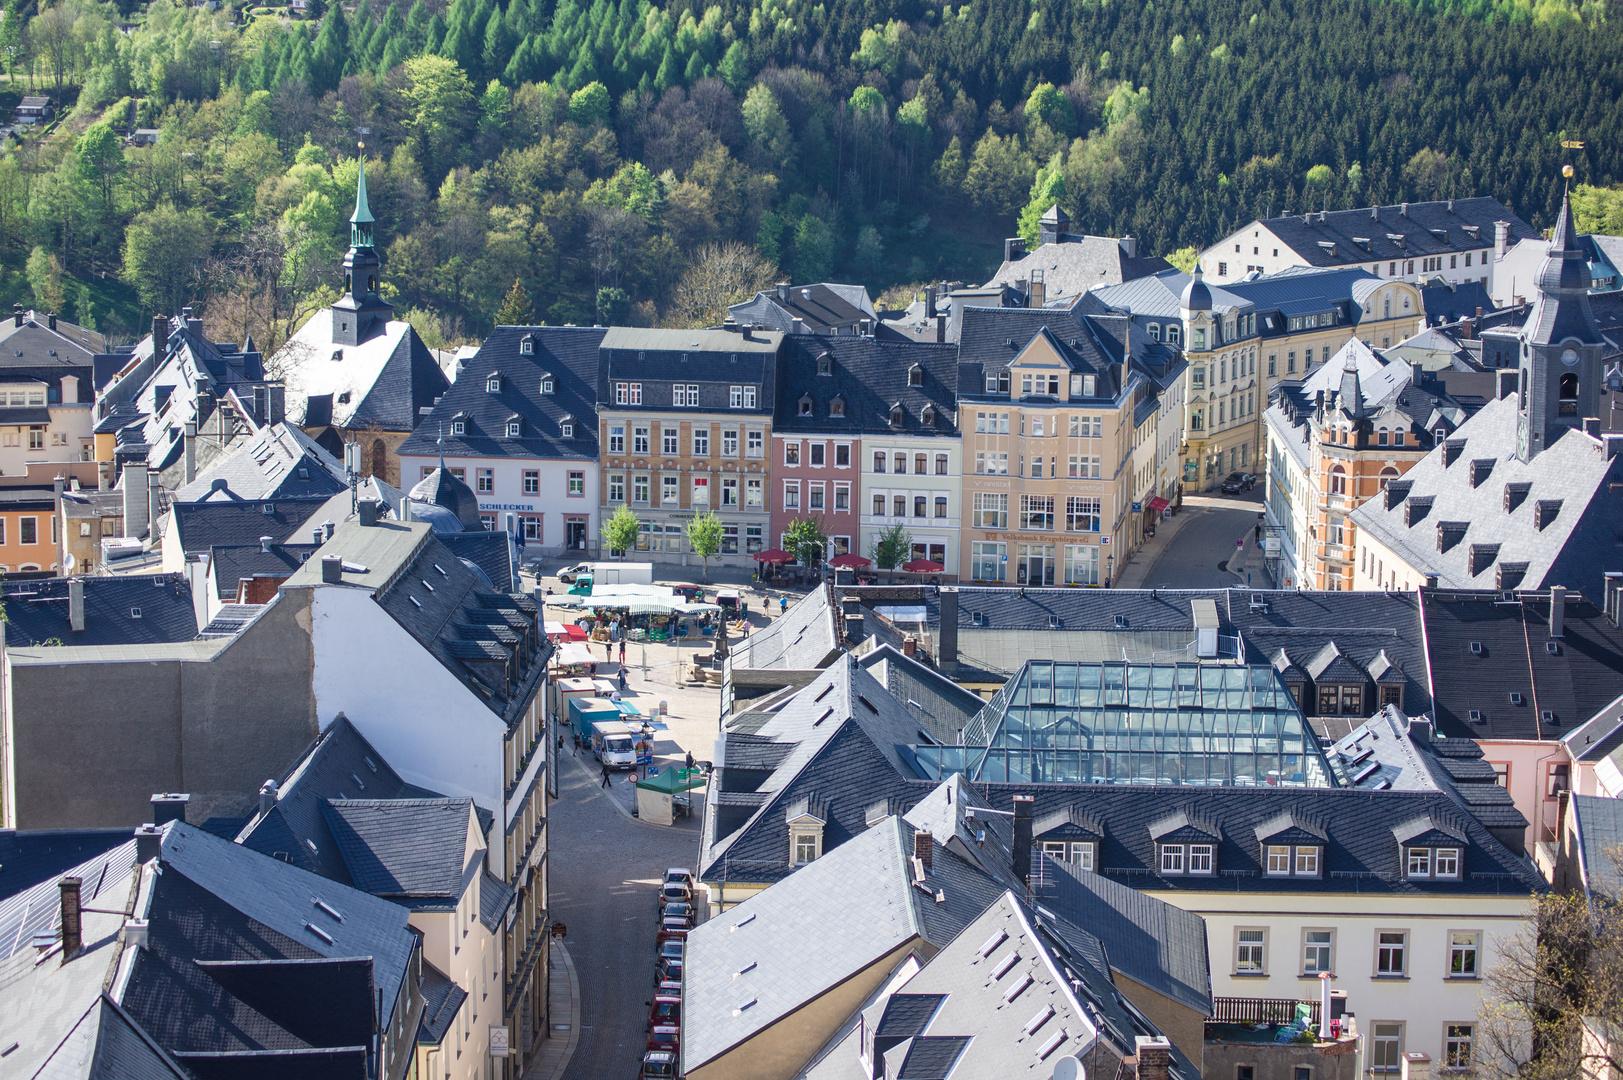 Blick vom Turm von St. Annen über die Dächer der Annaberger Altstadt Richtung Markt